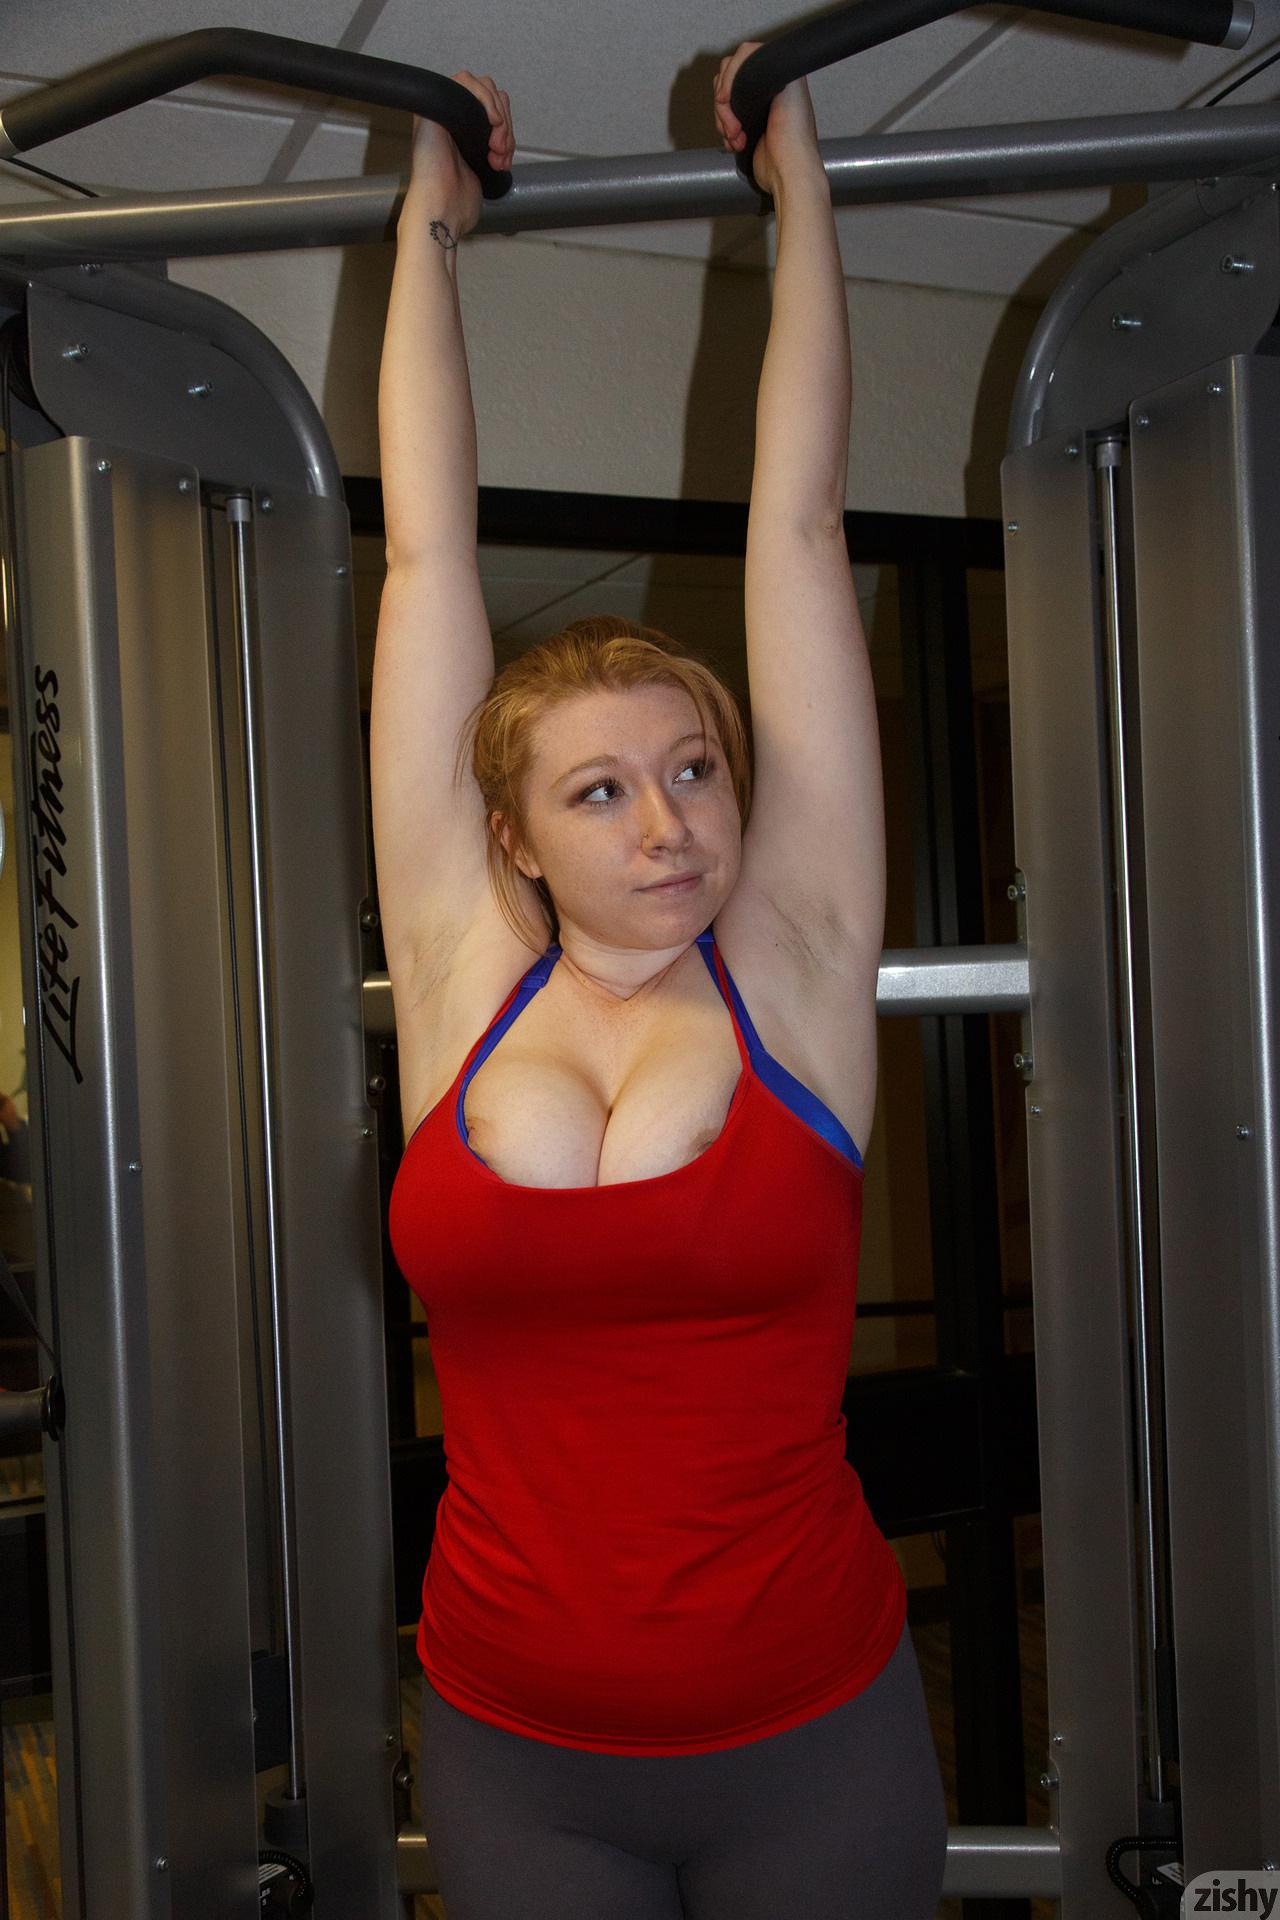 Irelynn Dunham Bedroom Cardio Zishy (21)